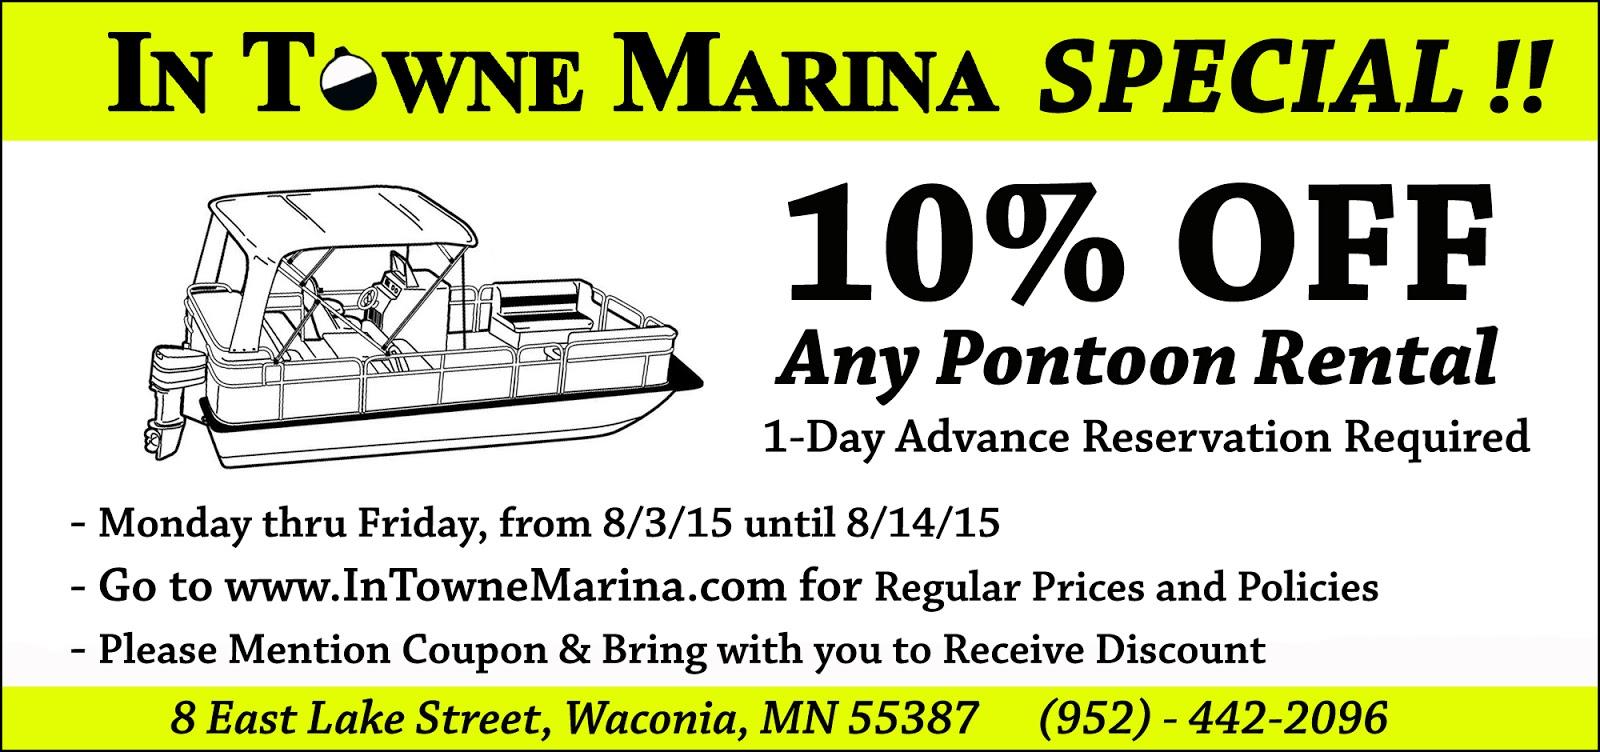 In towne marina news feed lake waconia fishing report 7 for Lake waconia fishing report